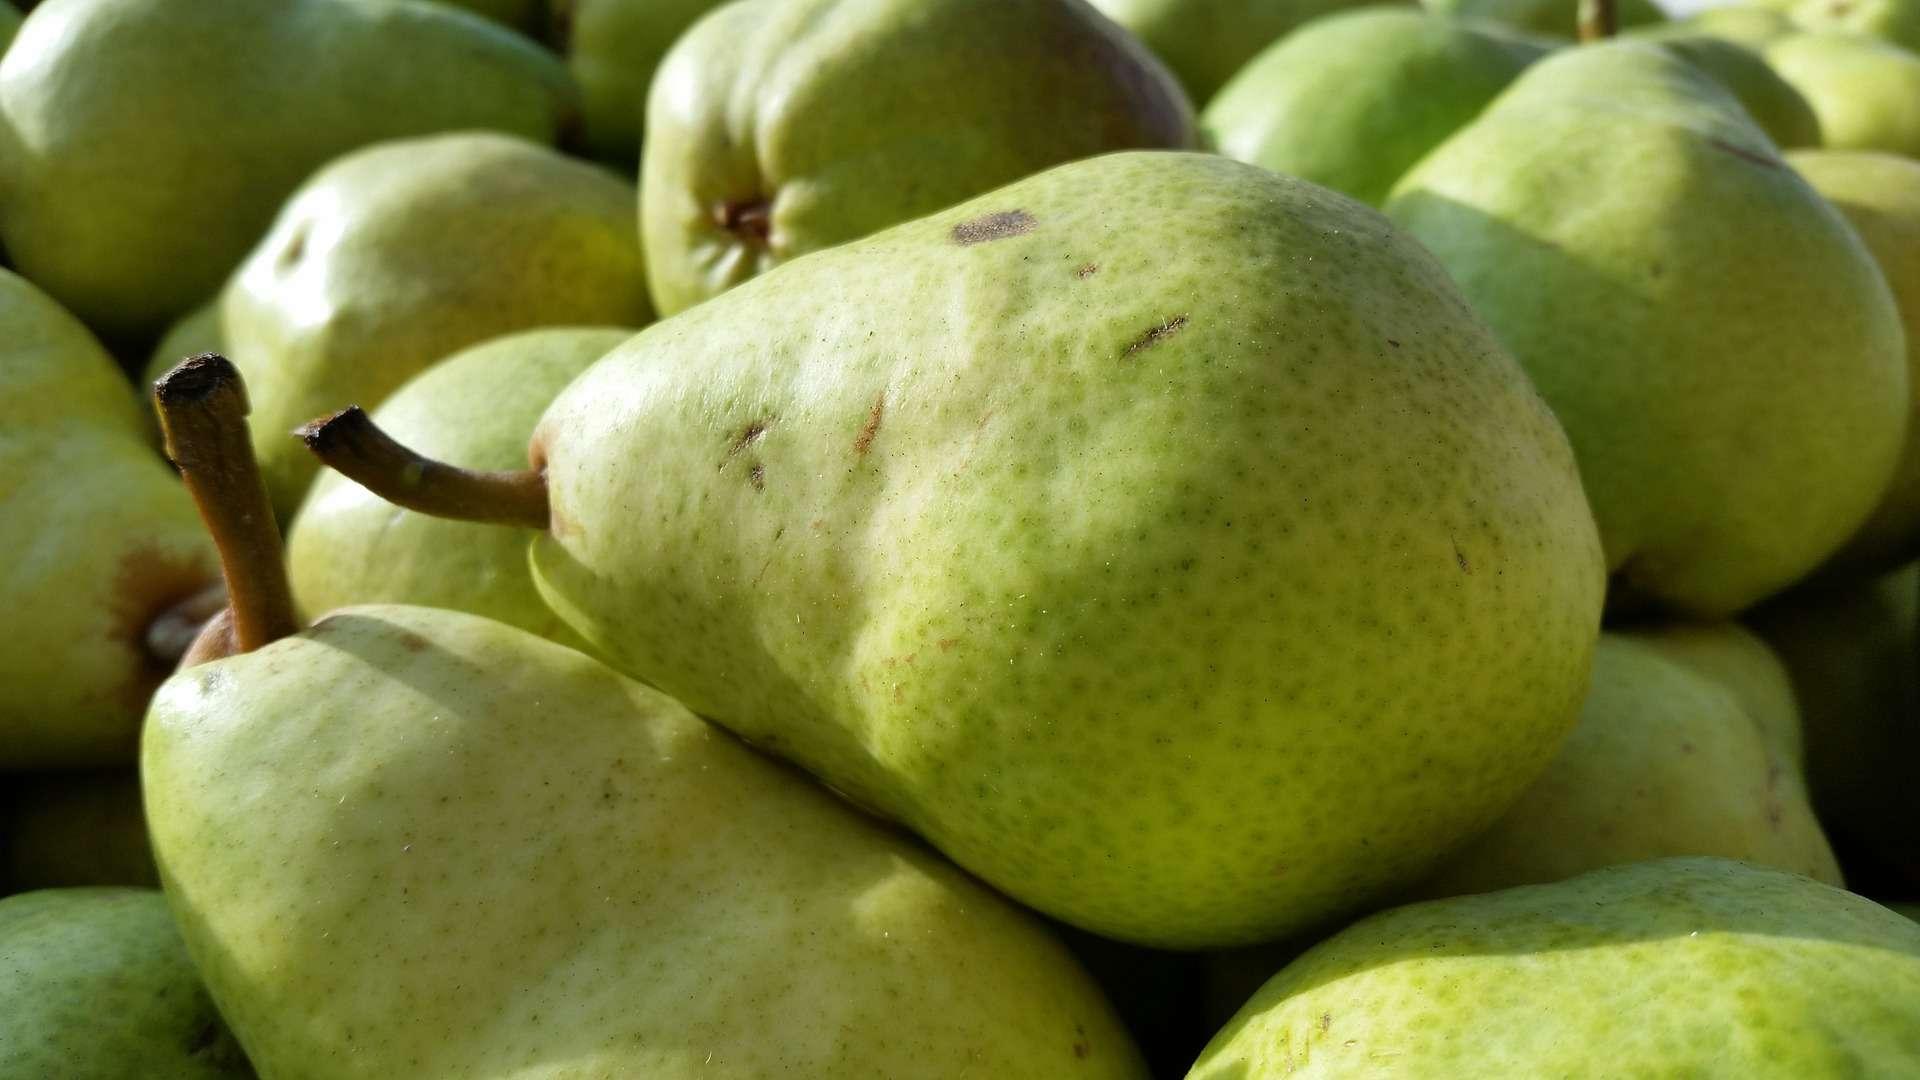 Green pile of Bartlett pears